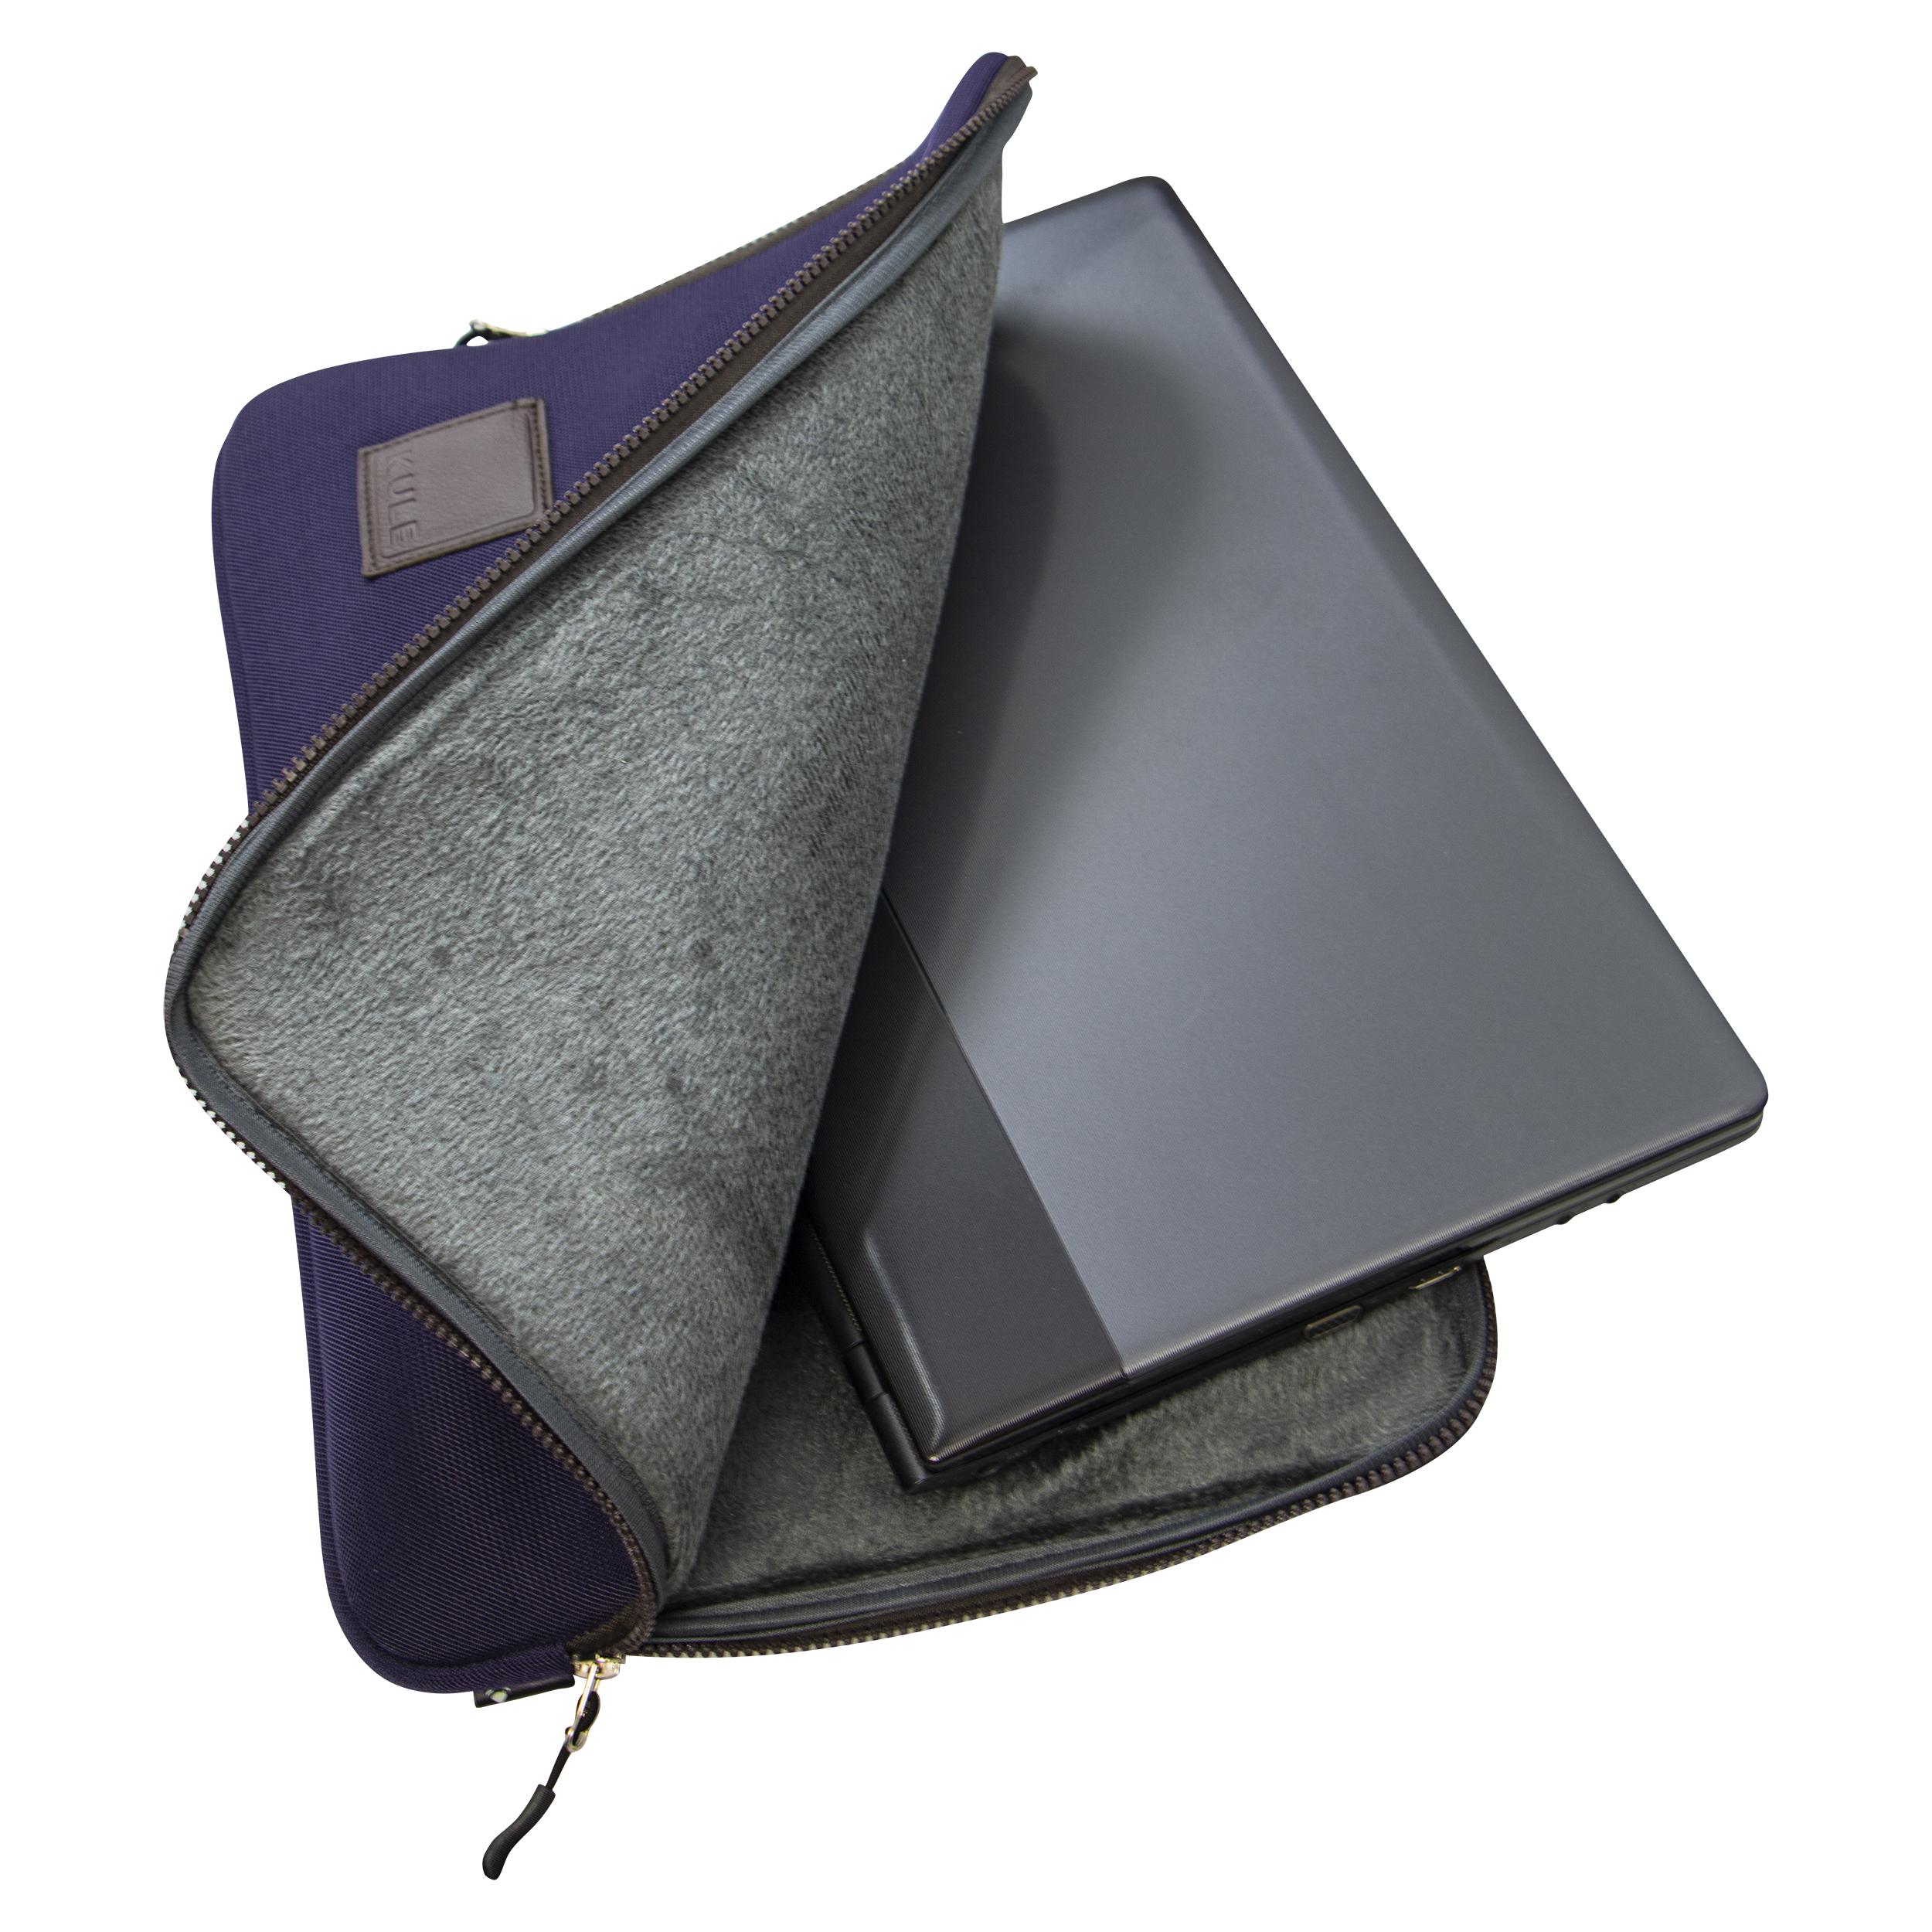 در هنگام خرید کاور لپ تاپ به چه مواردی باید دقت کنیم ؟